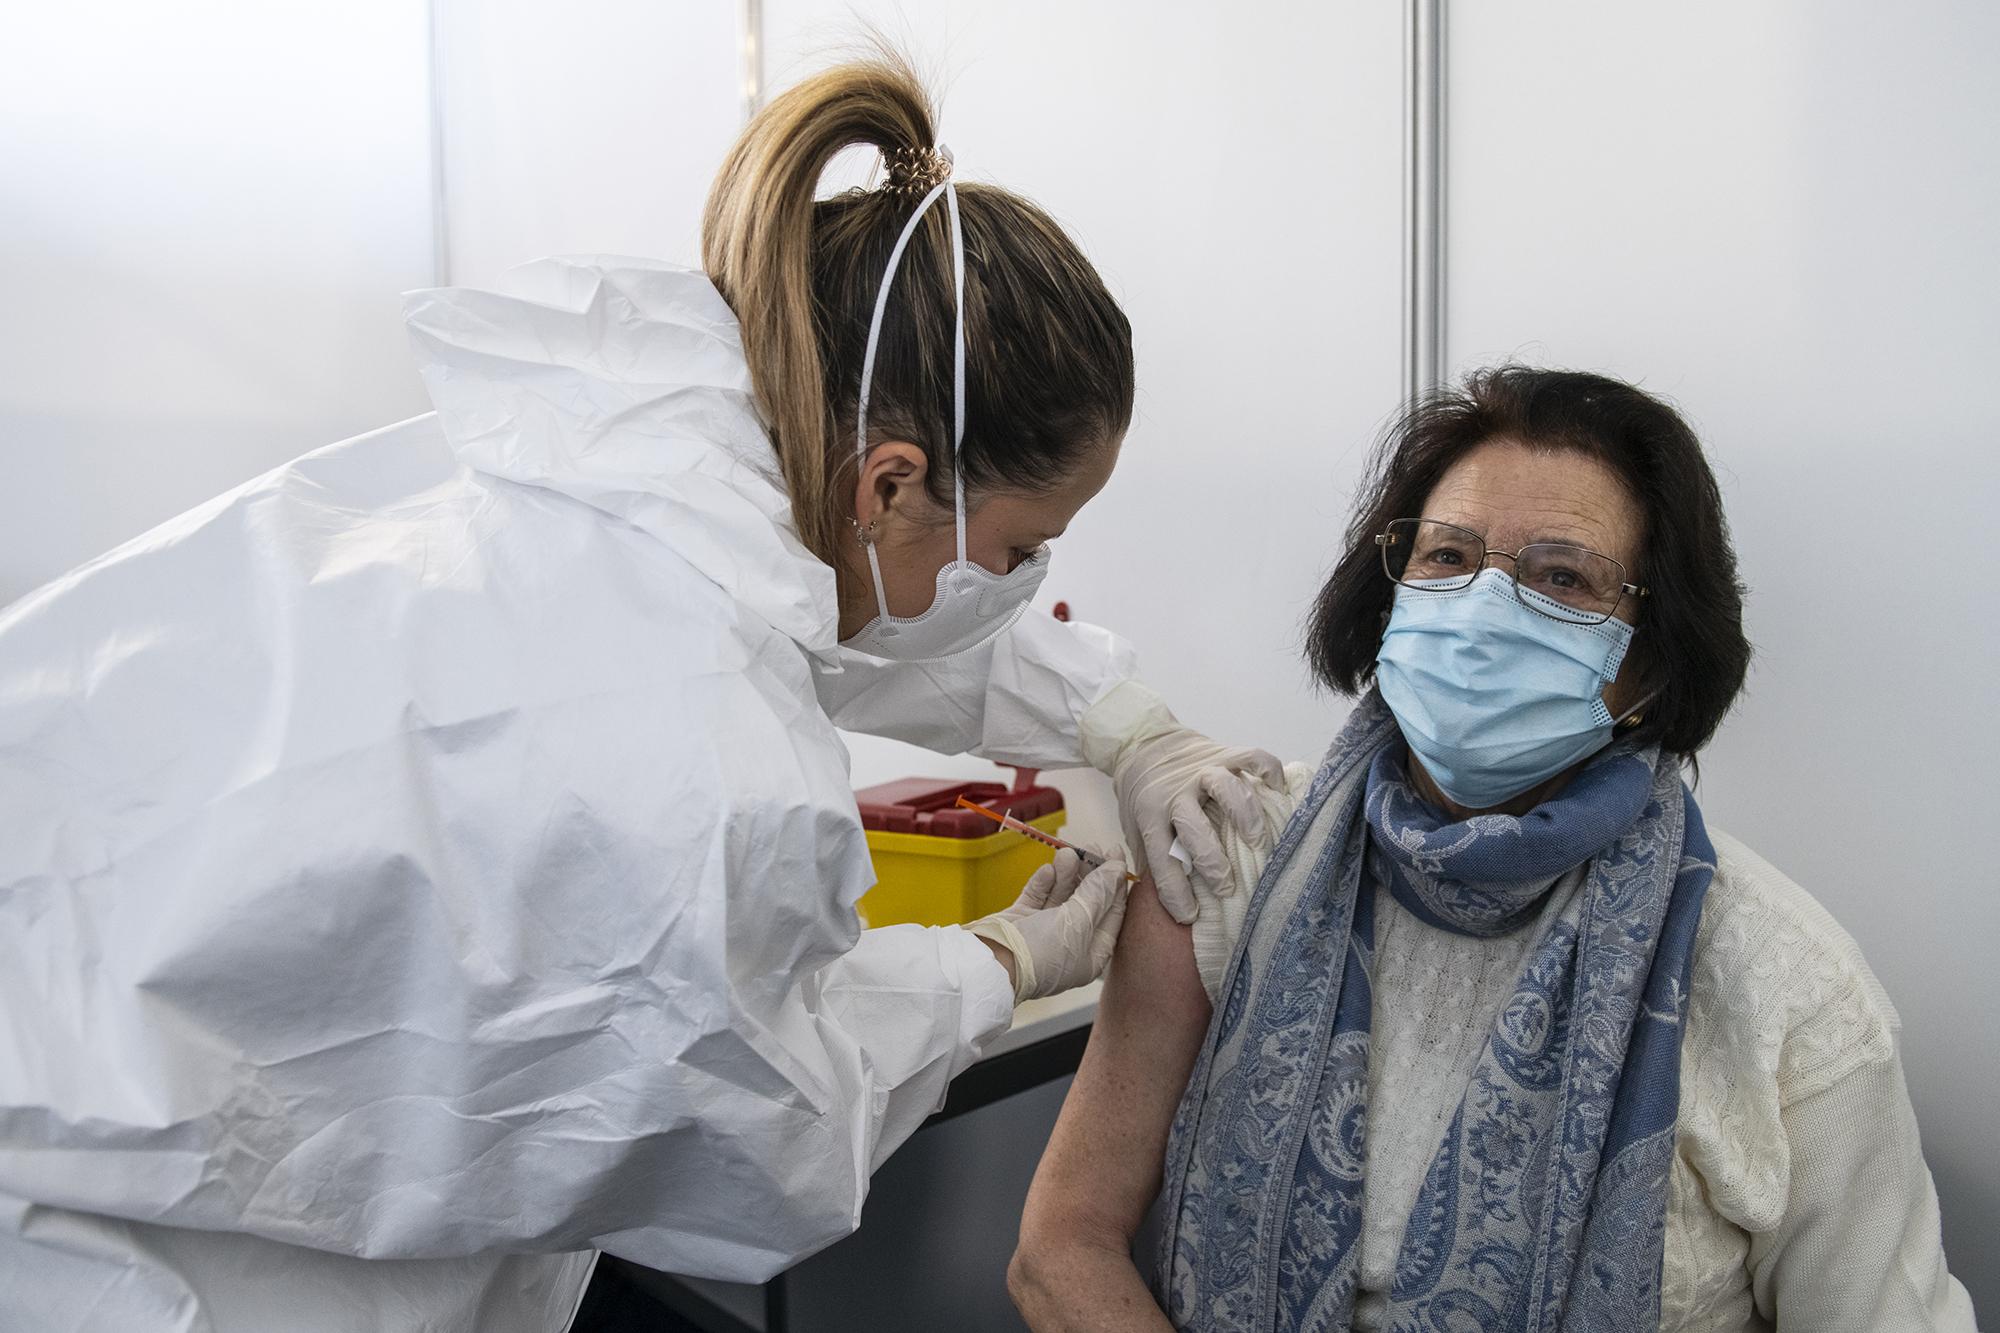 Centro de Vacinação de Oeiras - 15FEV21